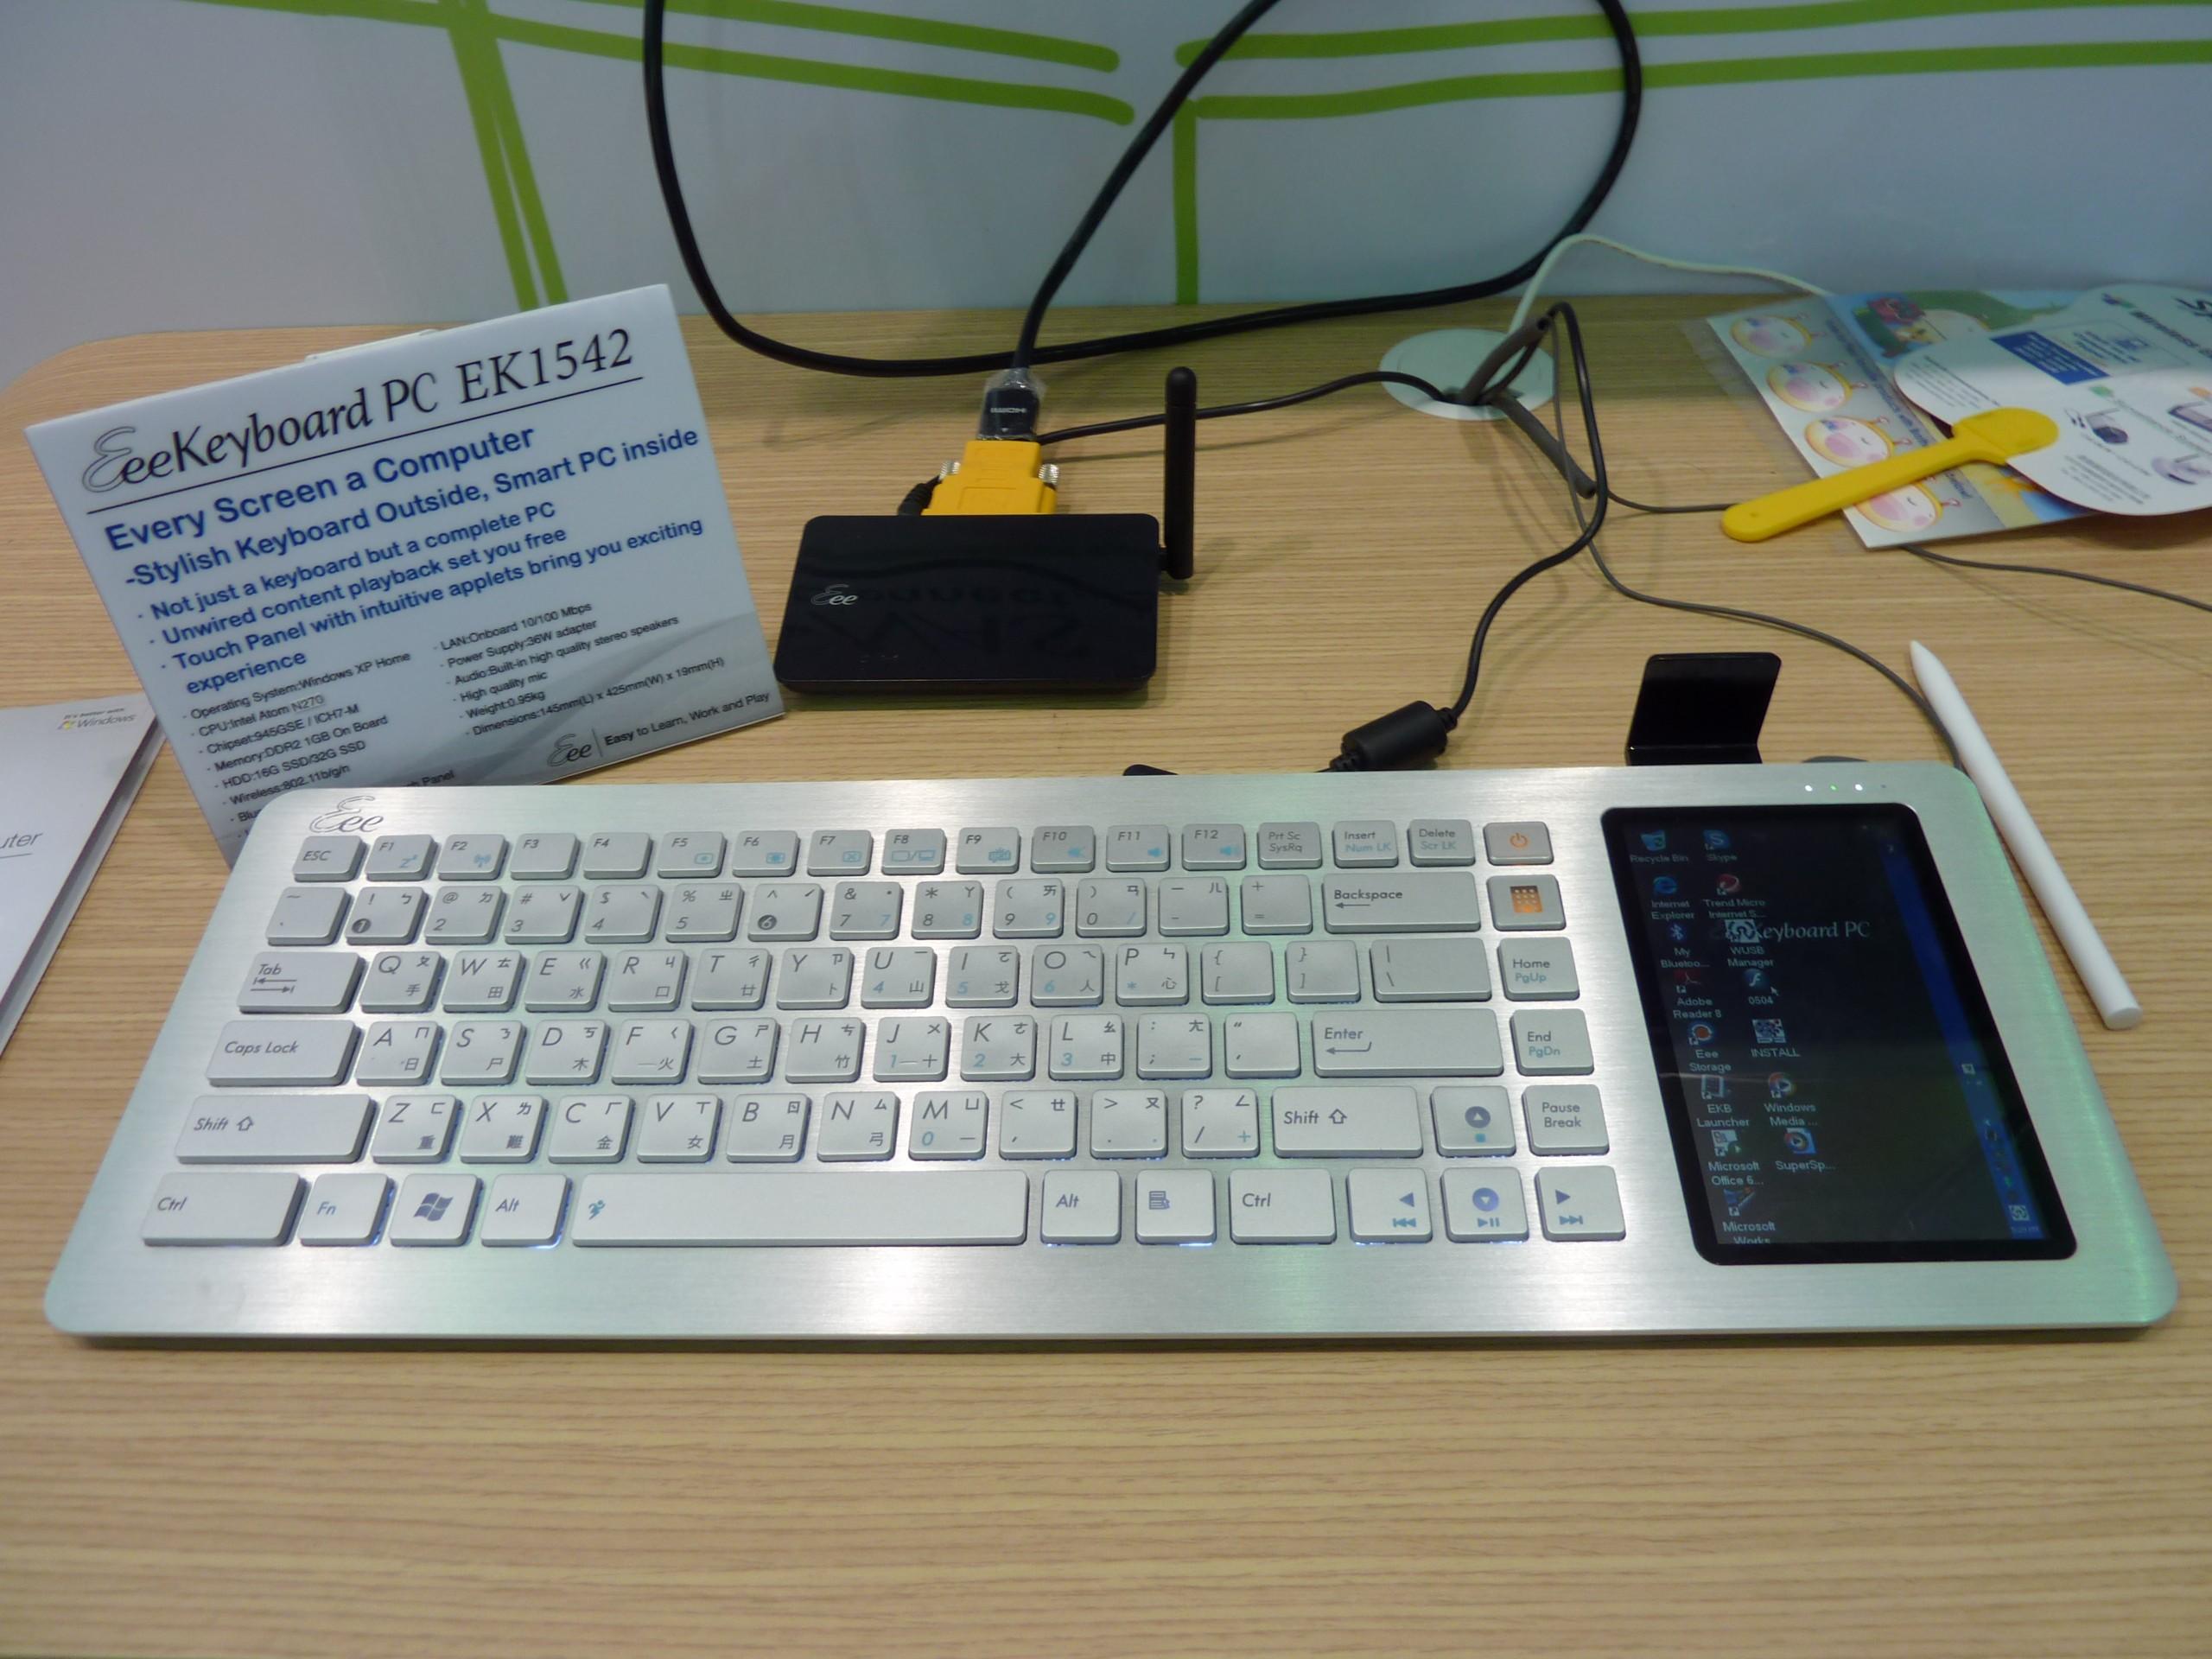 ASUS EK1542 EEEKEYBOARD DRIVERS FOR PC